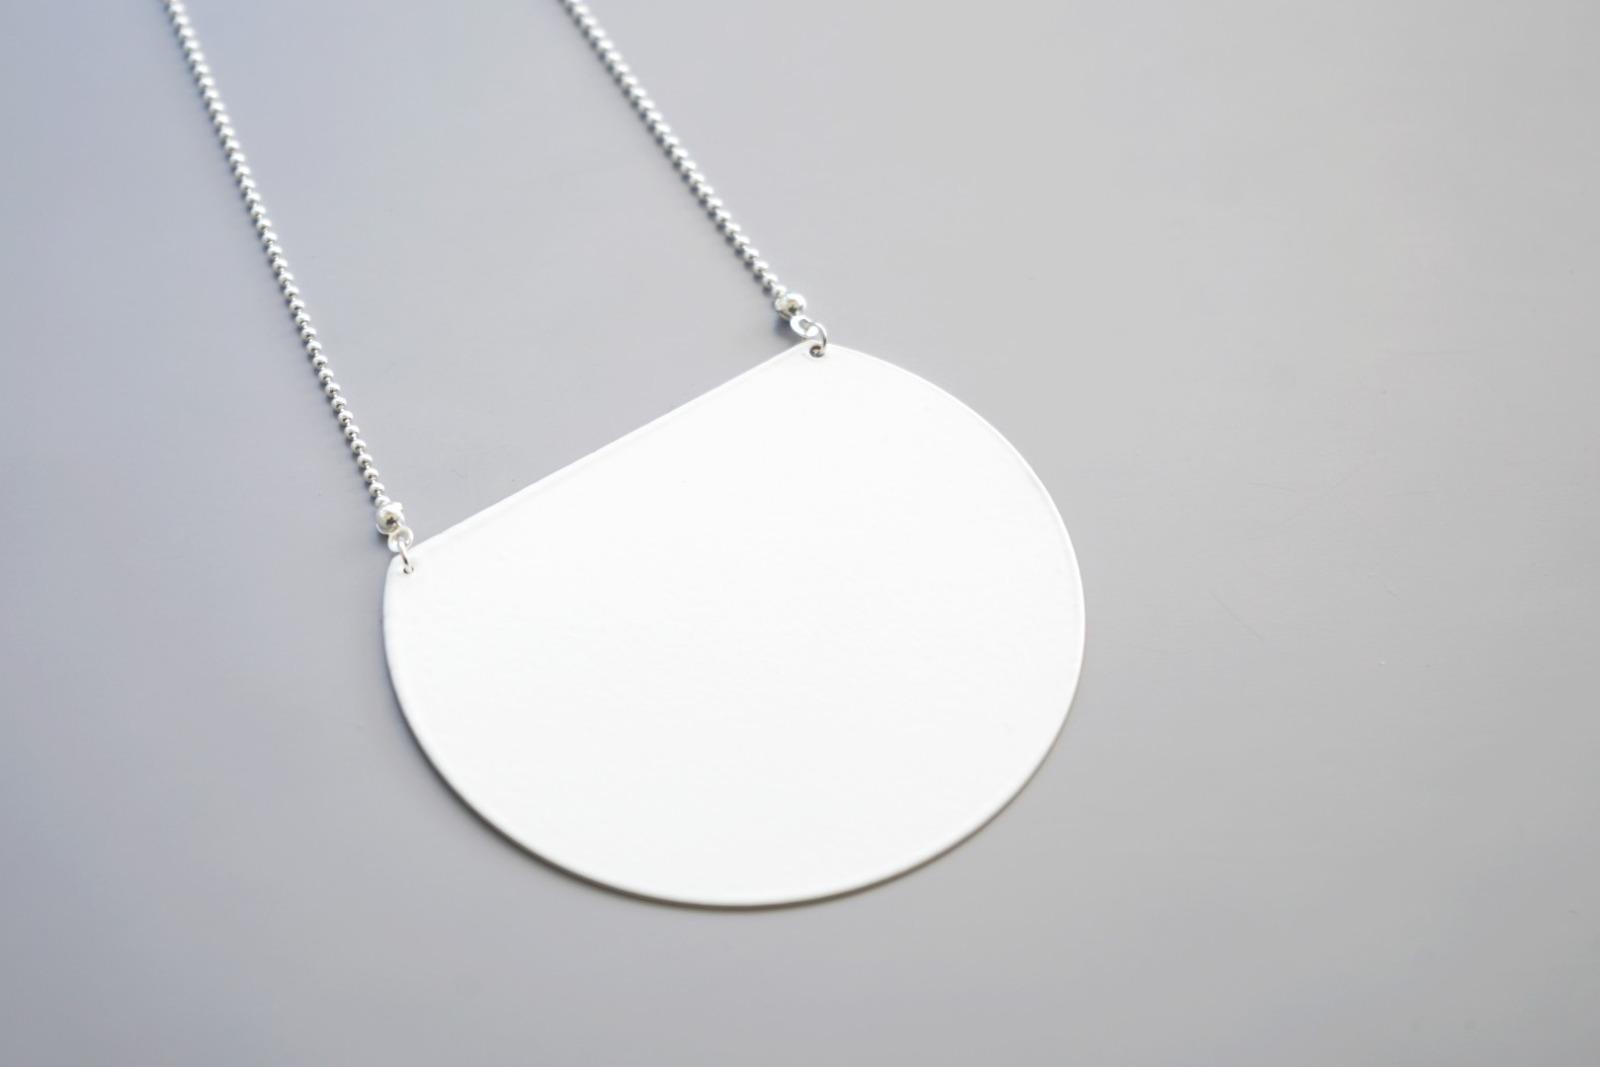 Statement Kette geometrisch, weiß - 1